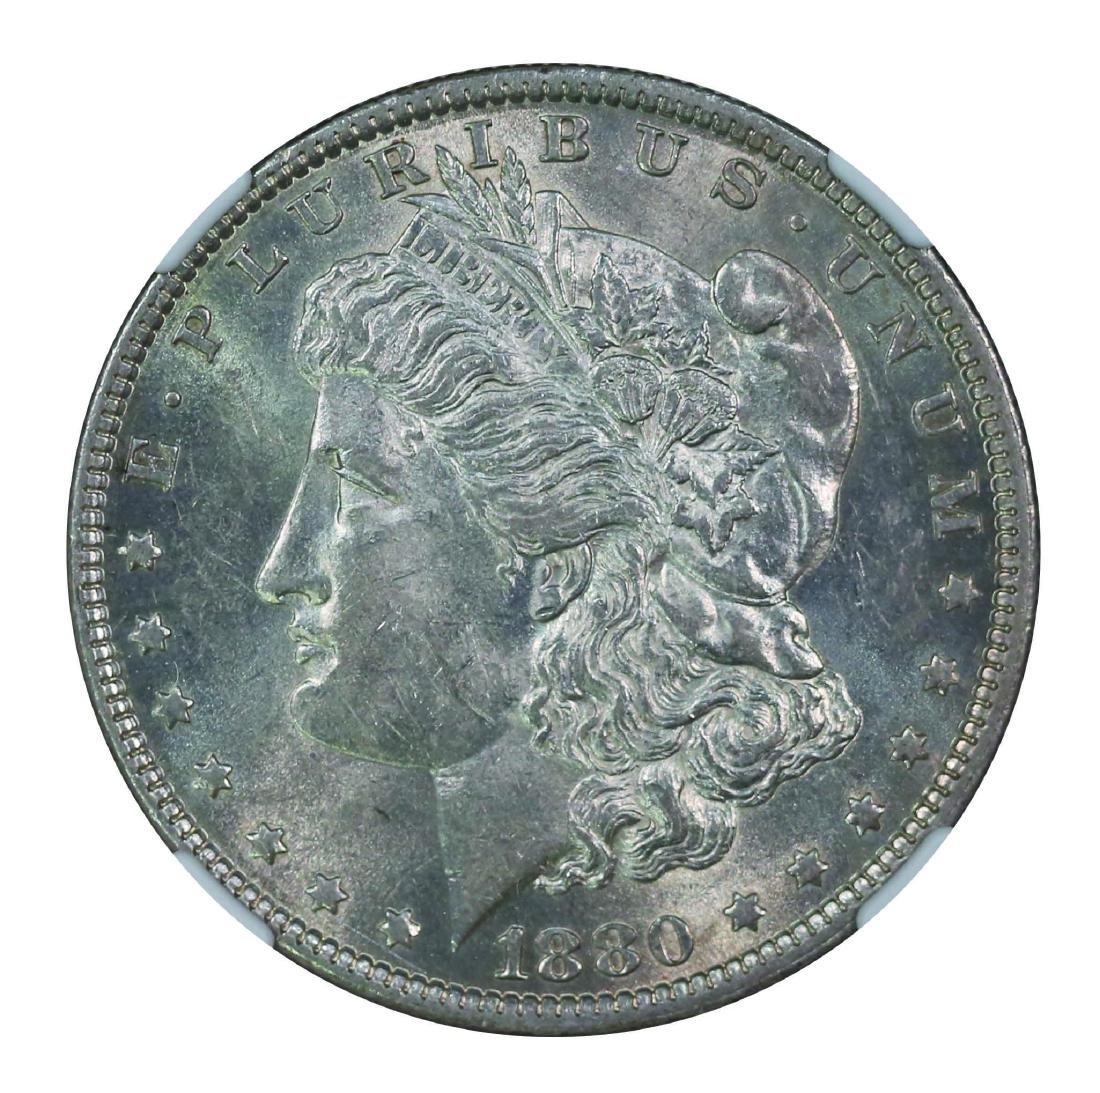 USA 1880 O, $1 NGC AU58